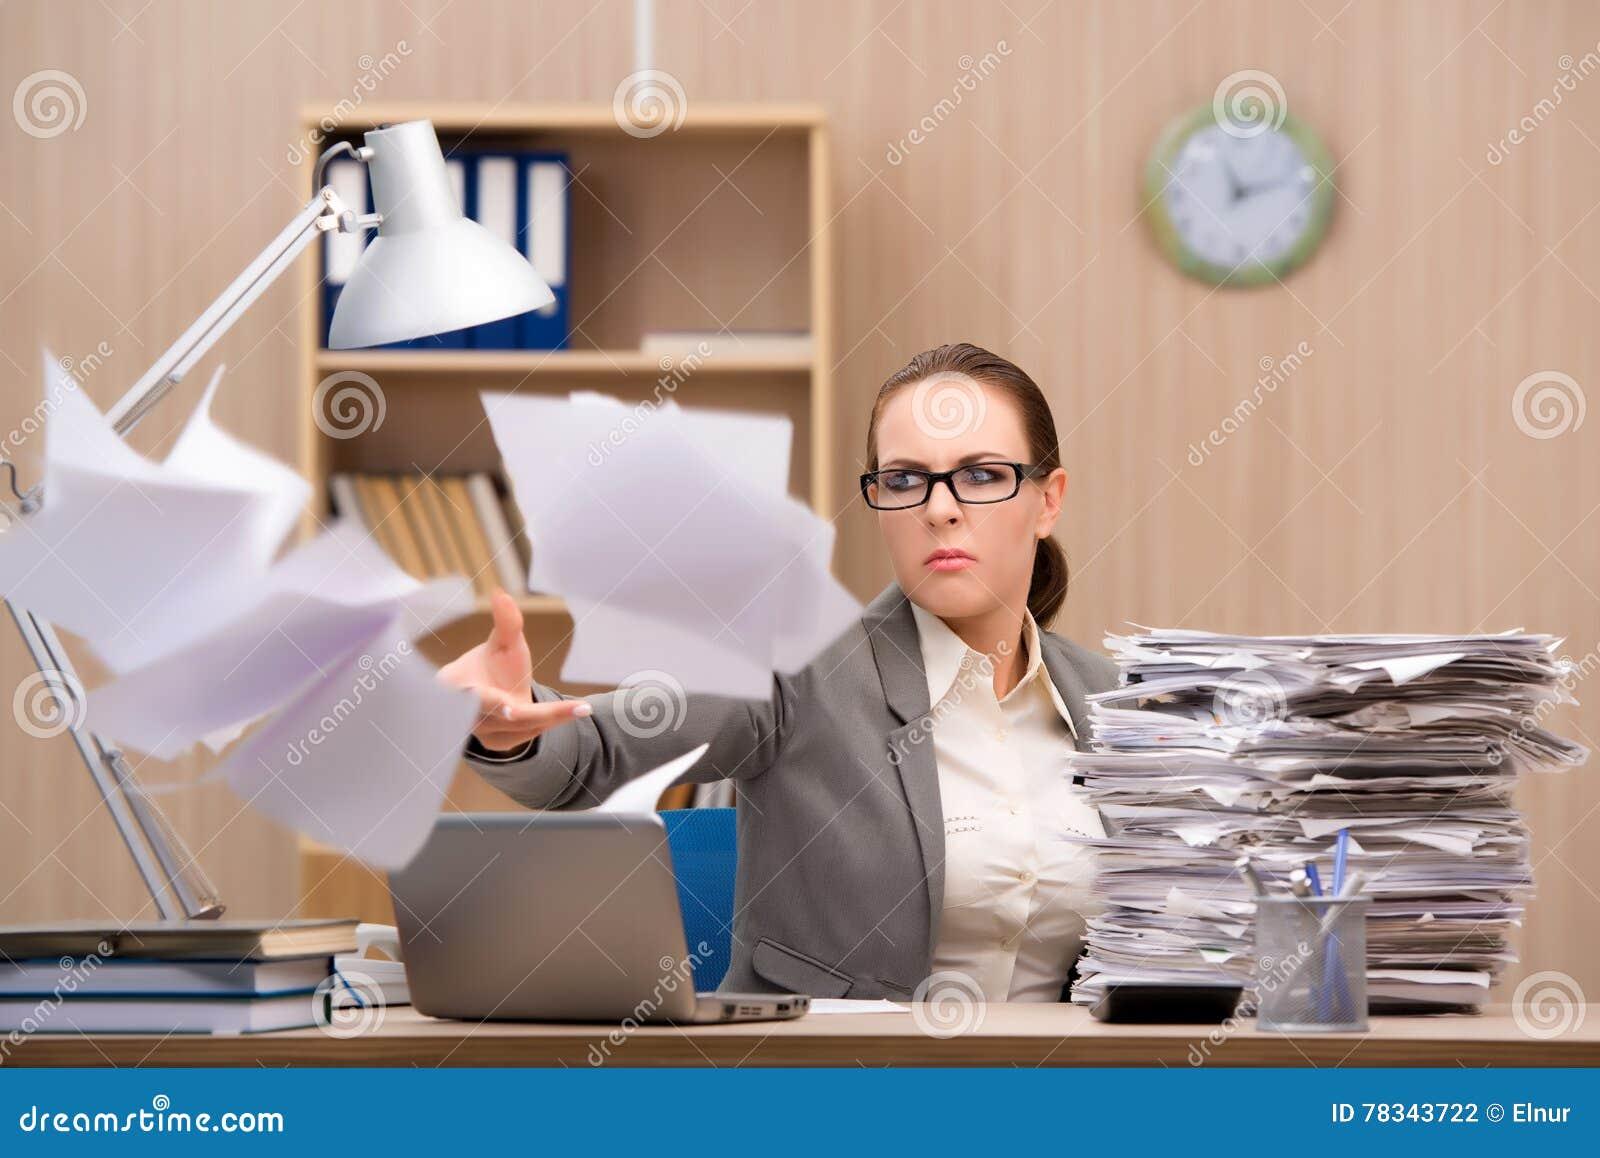 Affärskvinnan under spänning från för mycket arbete i kontoret